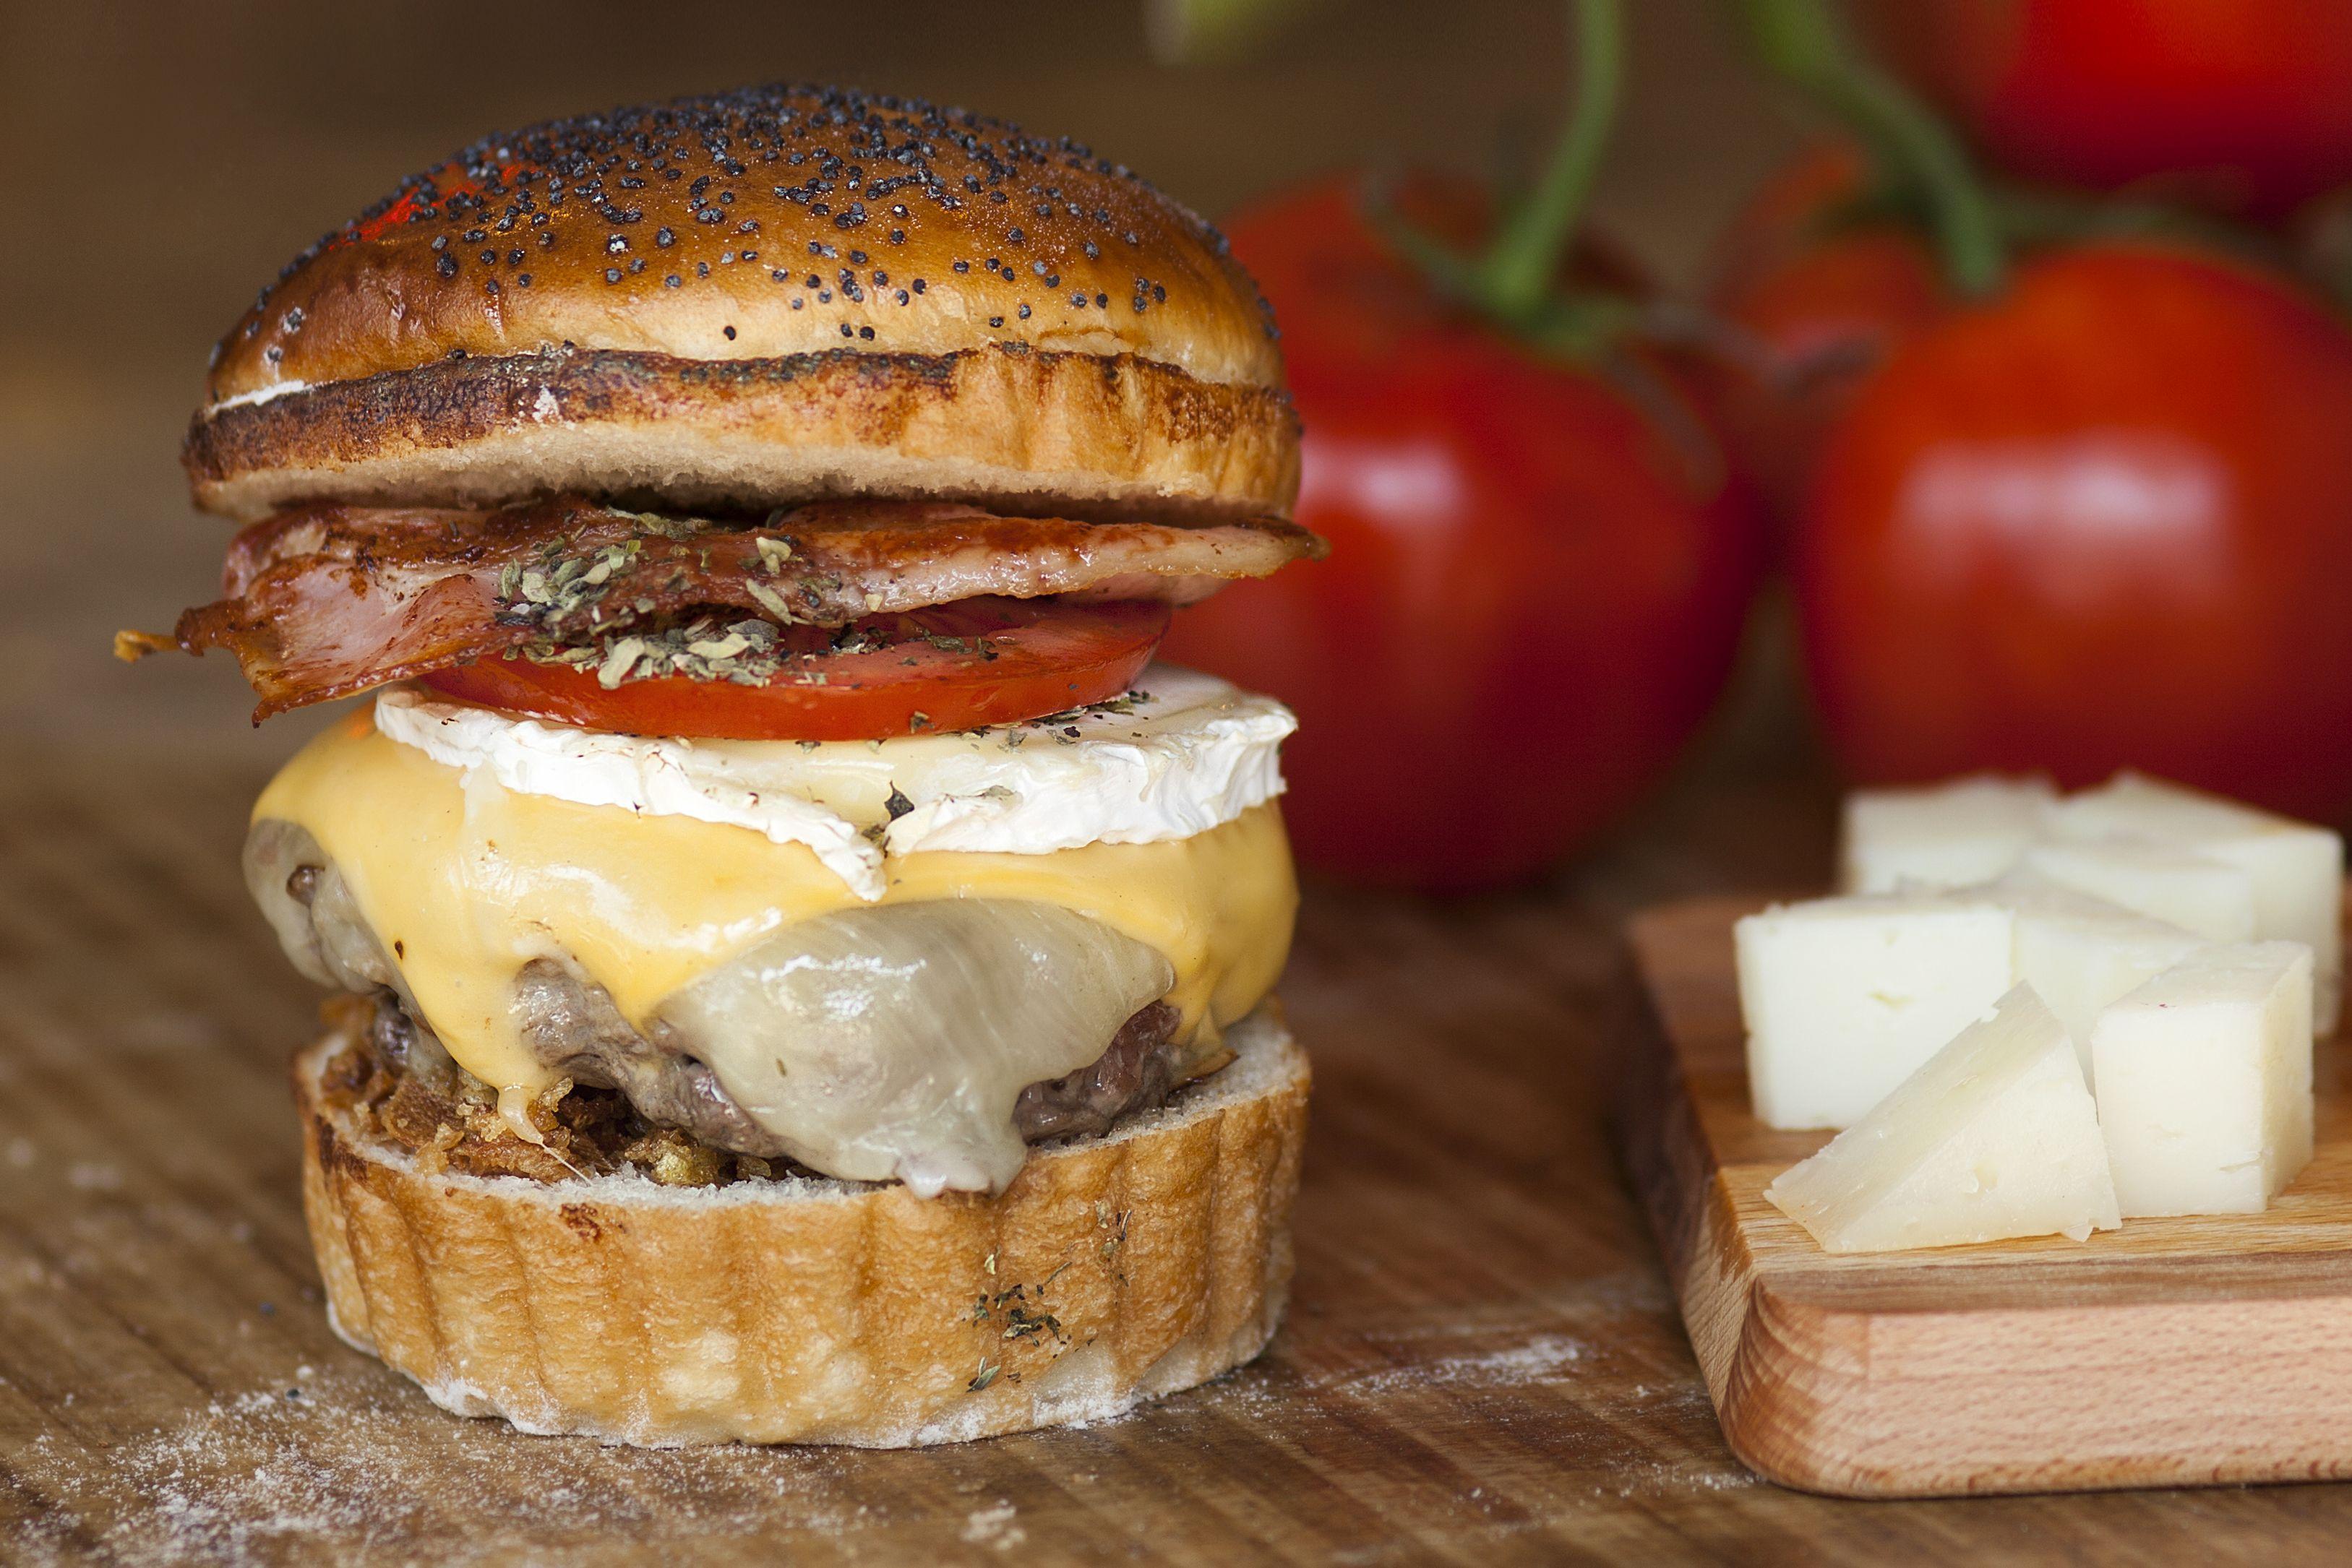 Crazy Cheese Burger: 4 quesos (mozzarella, cheddar, azul y cabra), tomate braseado especiado con orégano, cebolla crujiente y bacon.